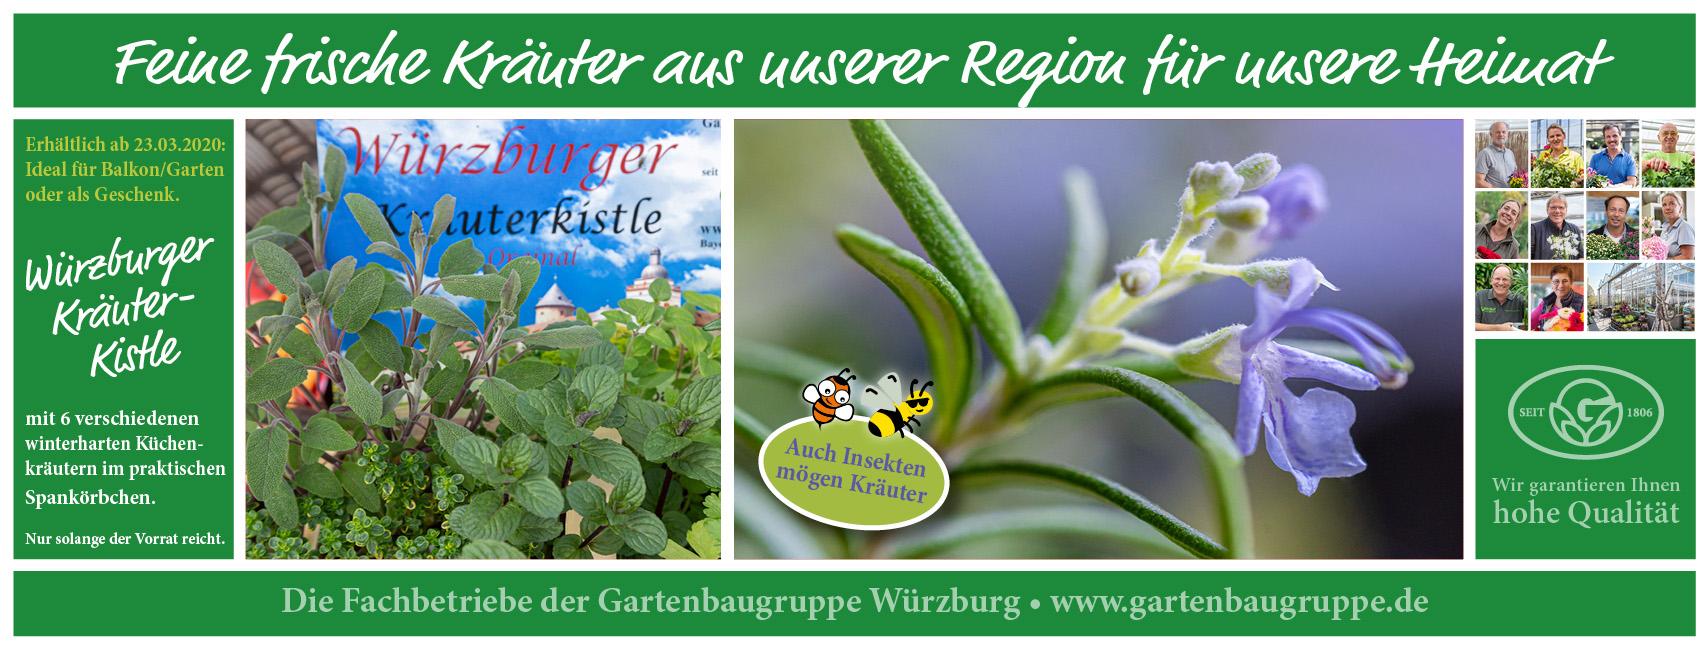 Gartenbaugruppe Würzburg Das Original Würzburger Kräuterkis